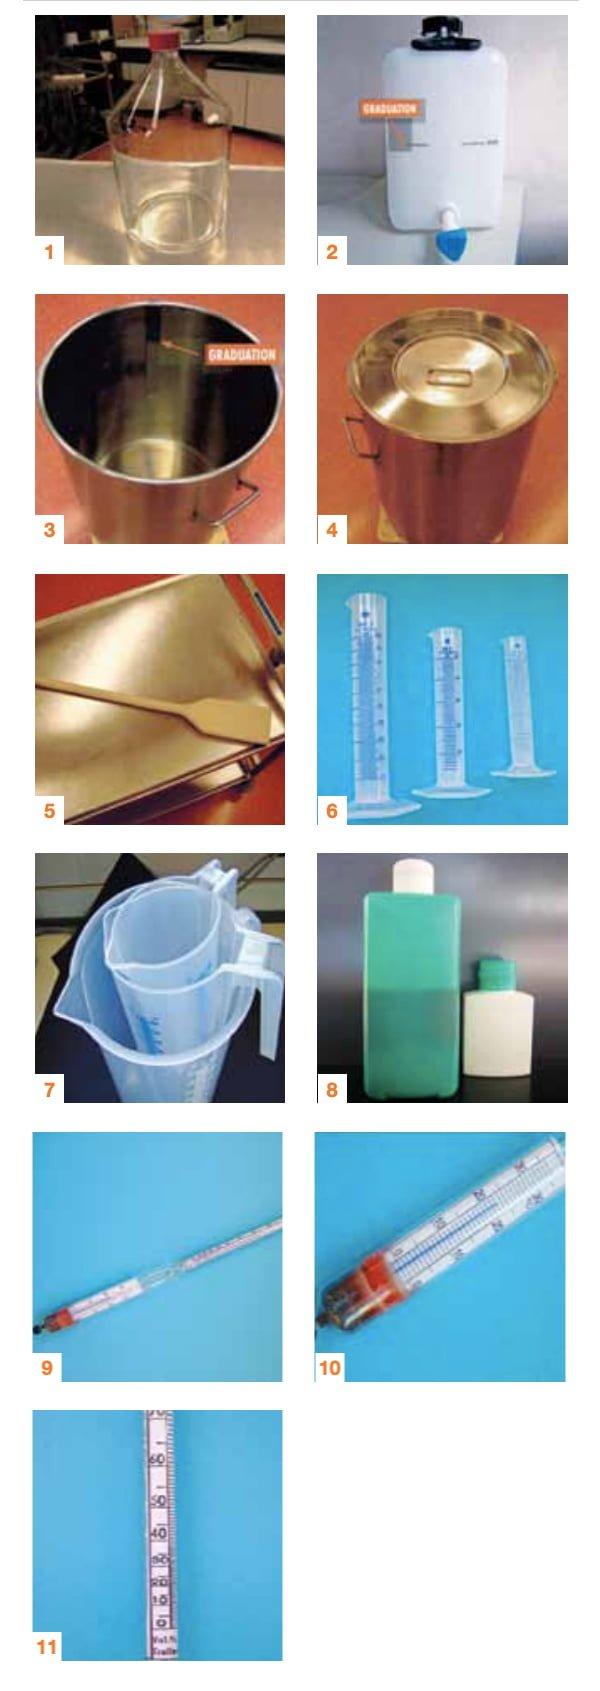 WHO - Płyn dezynfekujący instrukcja